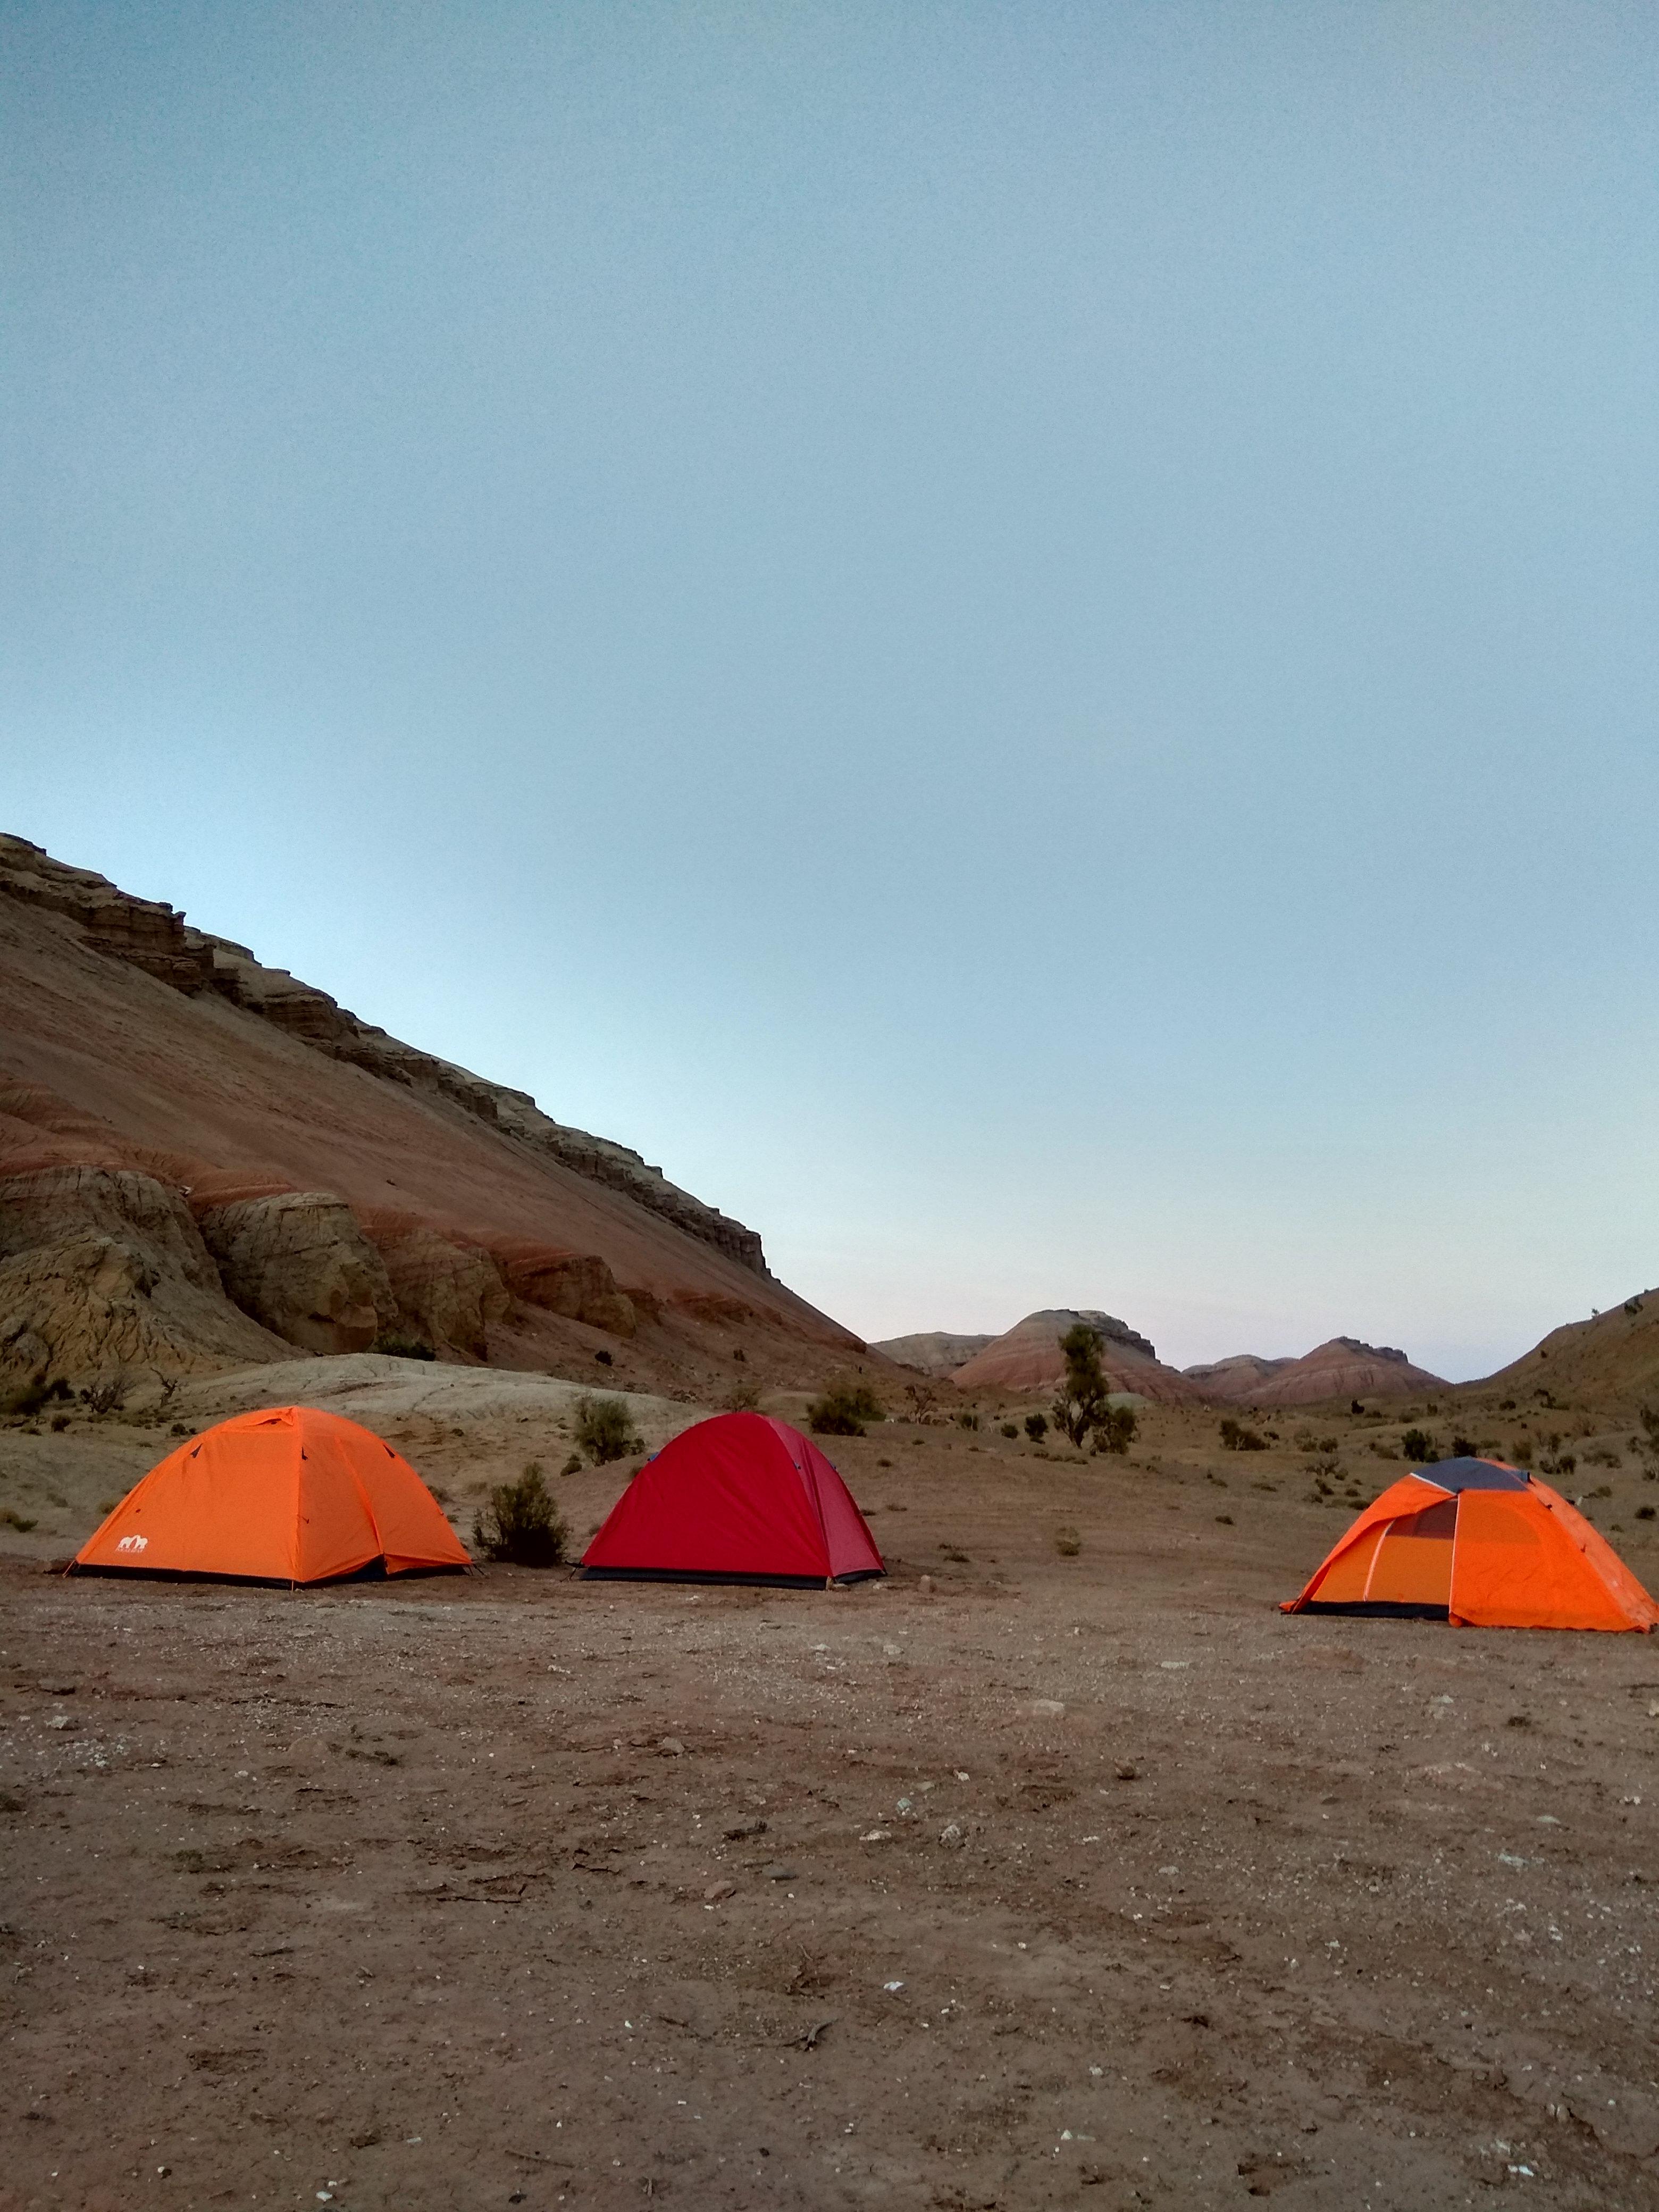 Campsite in Altyn Emel National Park, Kazakhstan